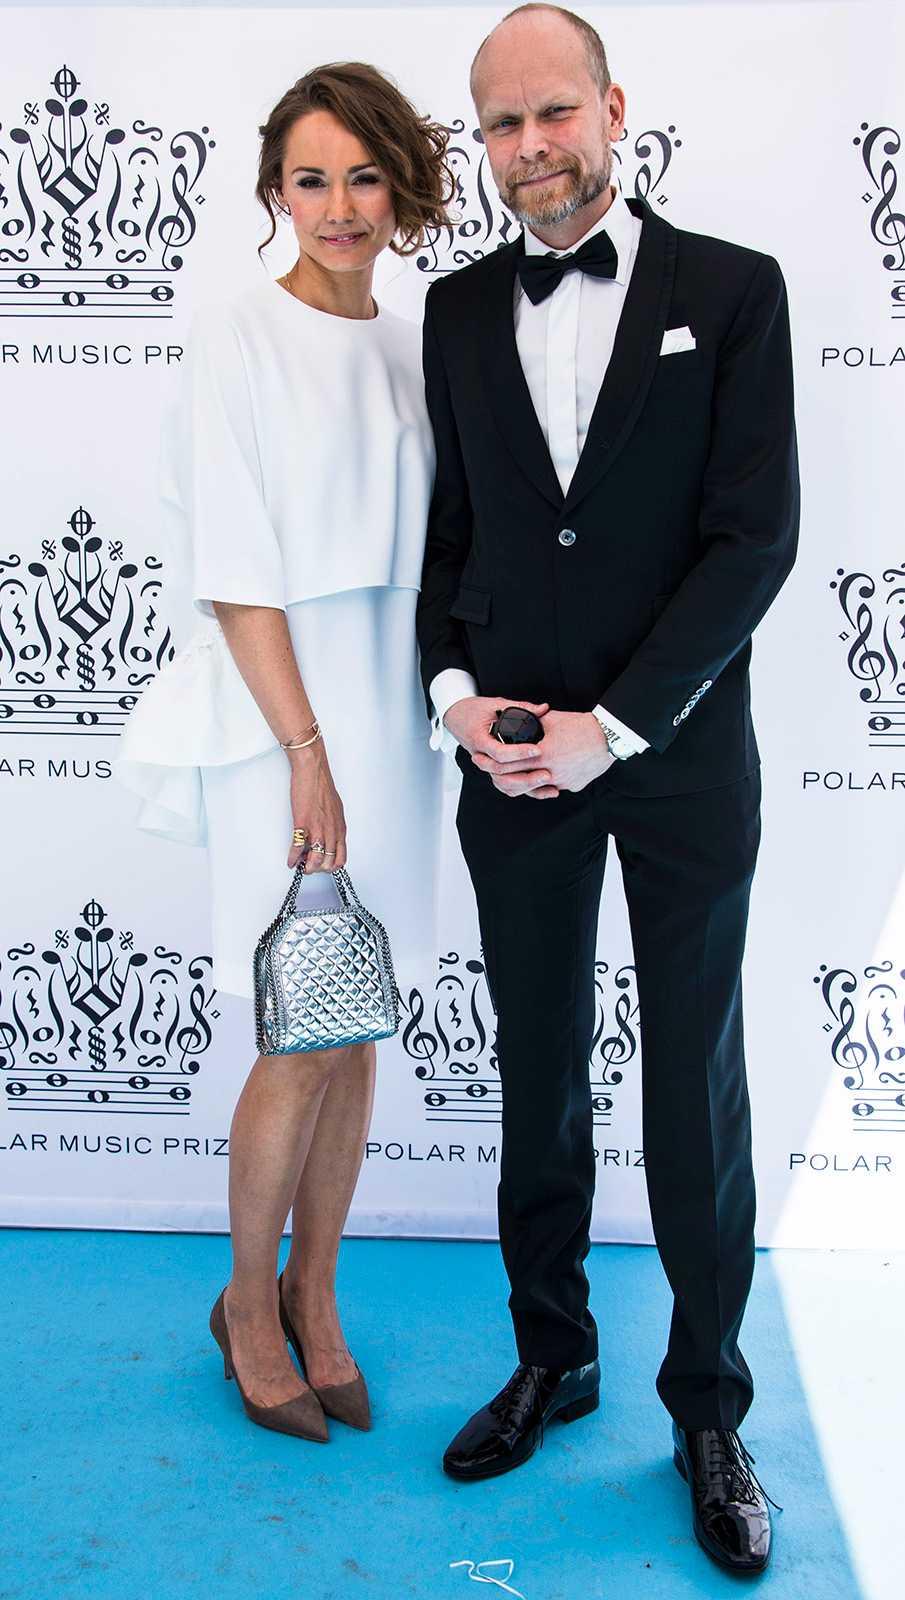 Tillsammans på Polarpriset i juni 2015.